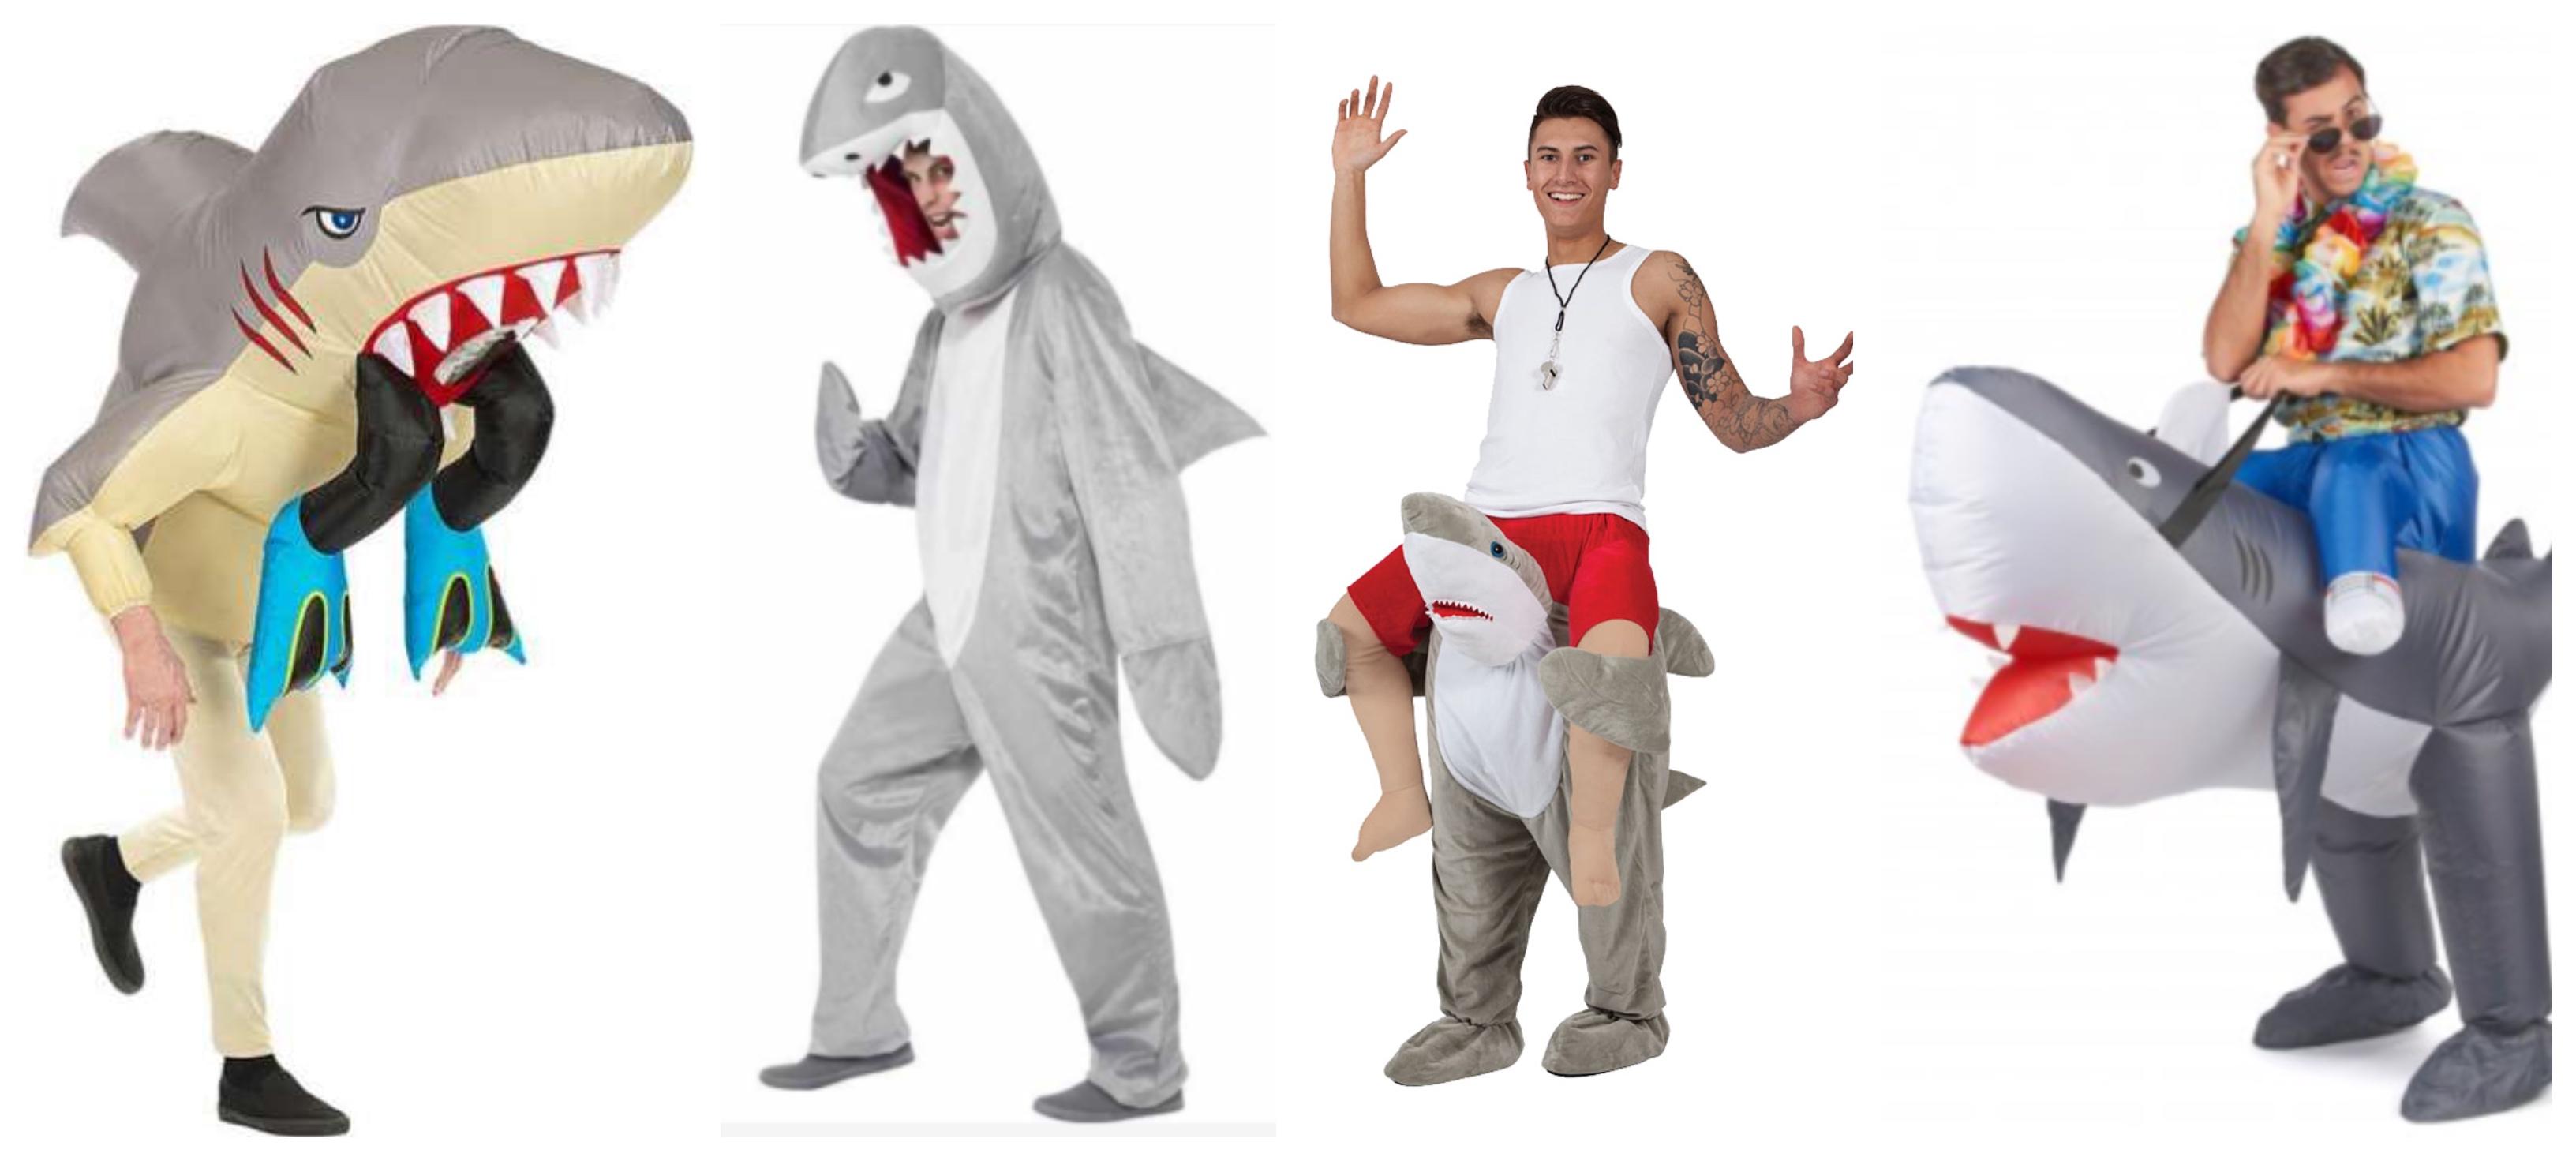 haj kostume til voksne, haj udklædning til voksne, haj voksenkostumer, oppusteligt haj kostume til voksne, dyrekostumer til voksne, haj fastelavnskostume til voksne